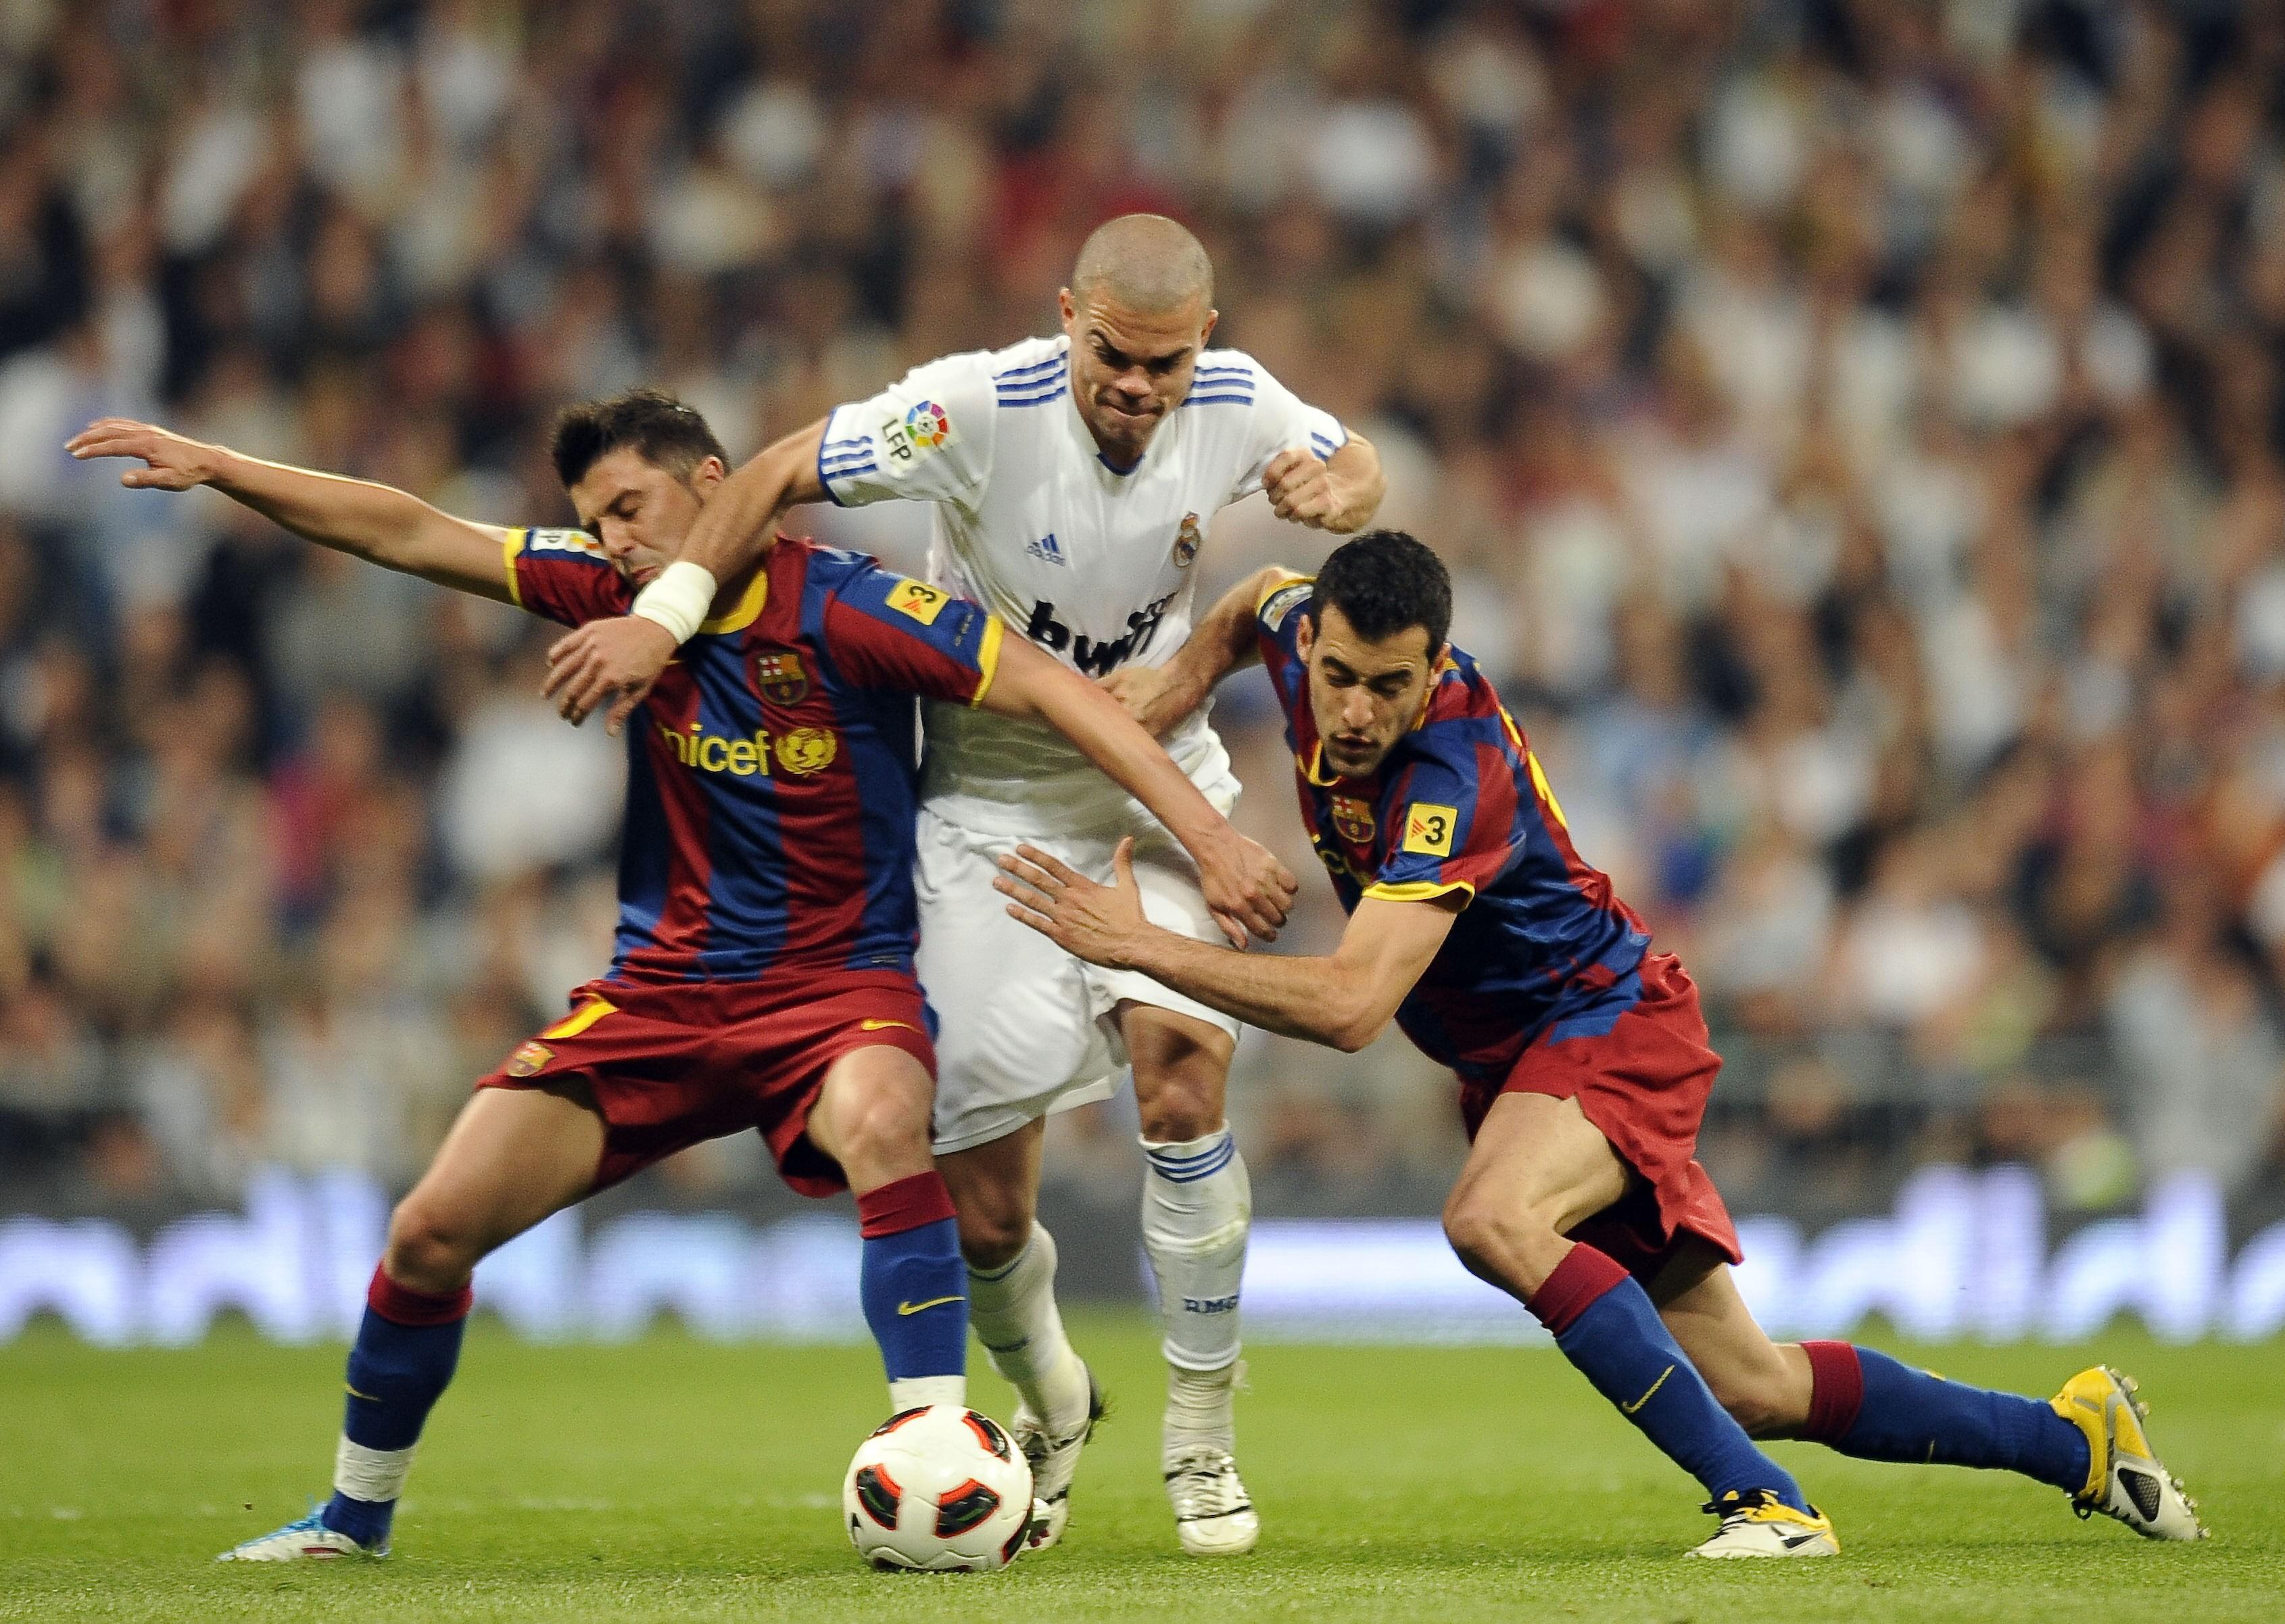 Реал - Барселона, Давид Вилья, Пепе и Серхио Бусткетс